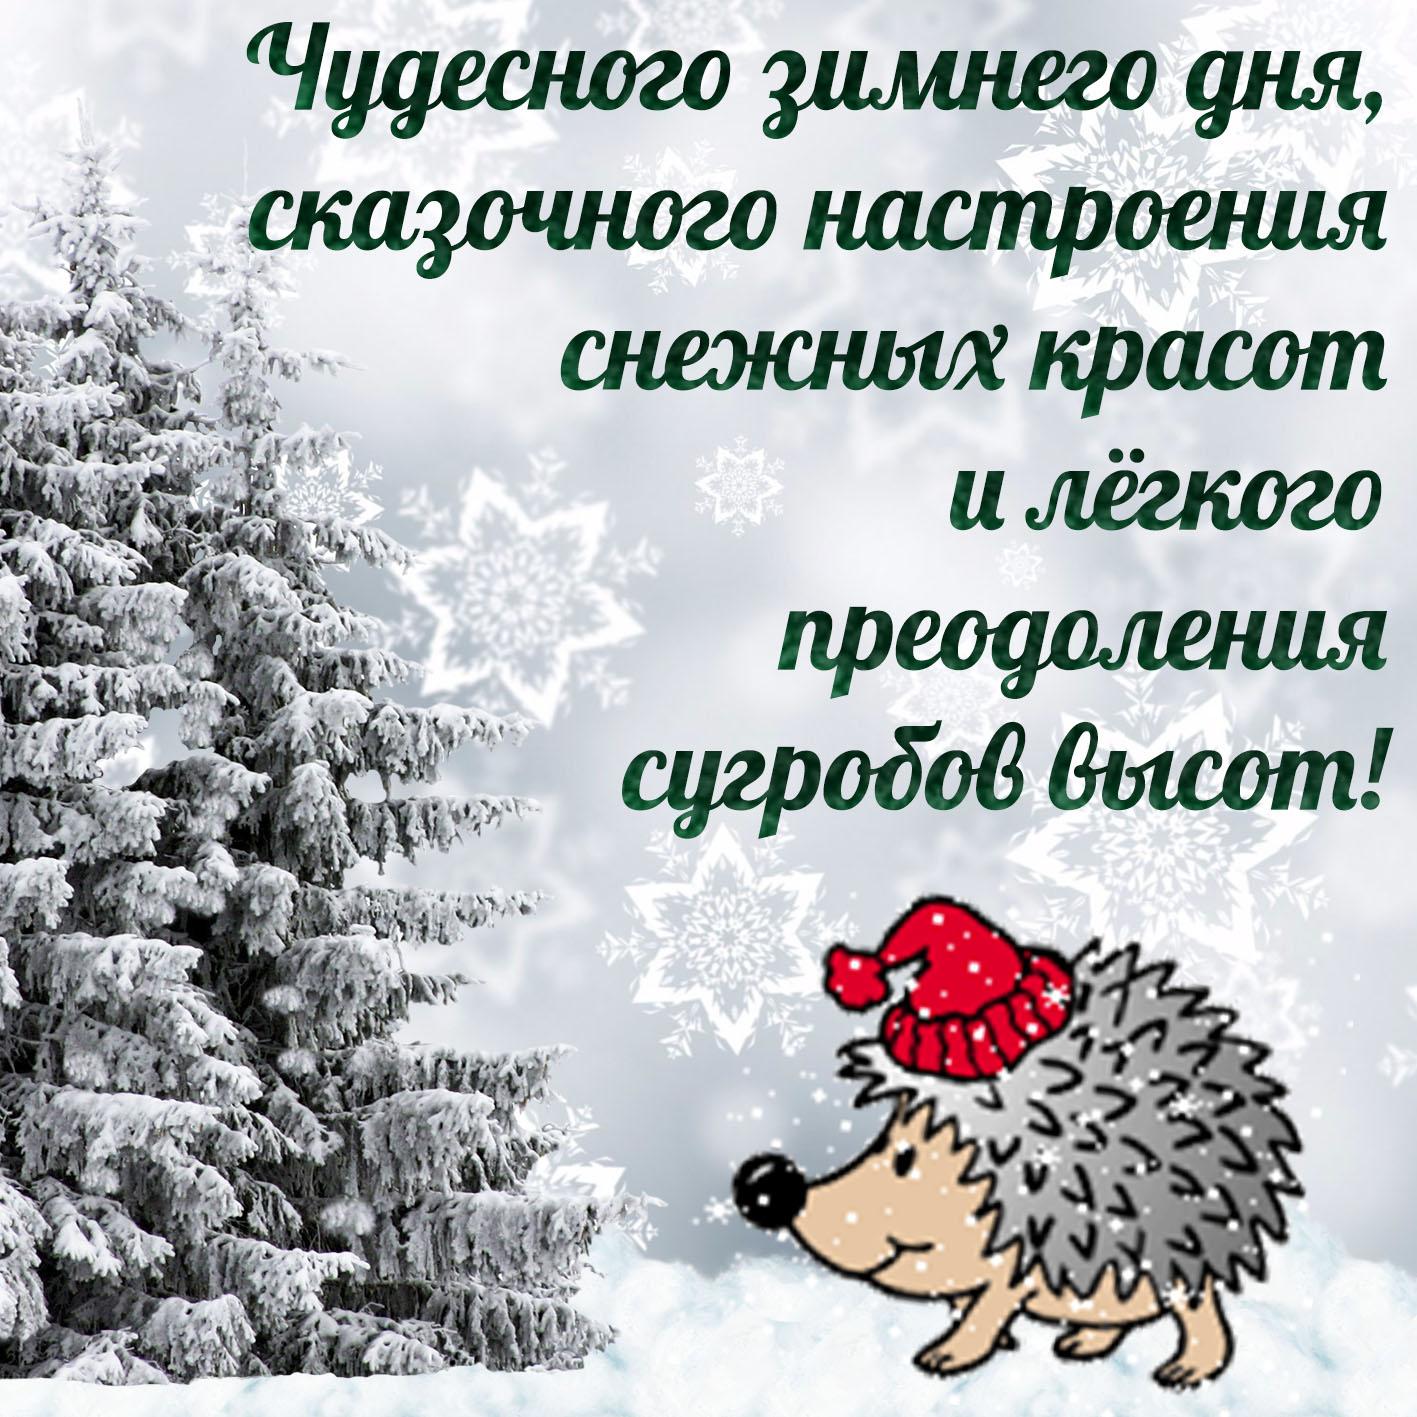 zimnie-pozhelaniya0044.jpg